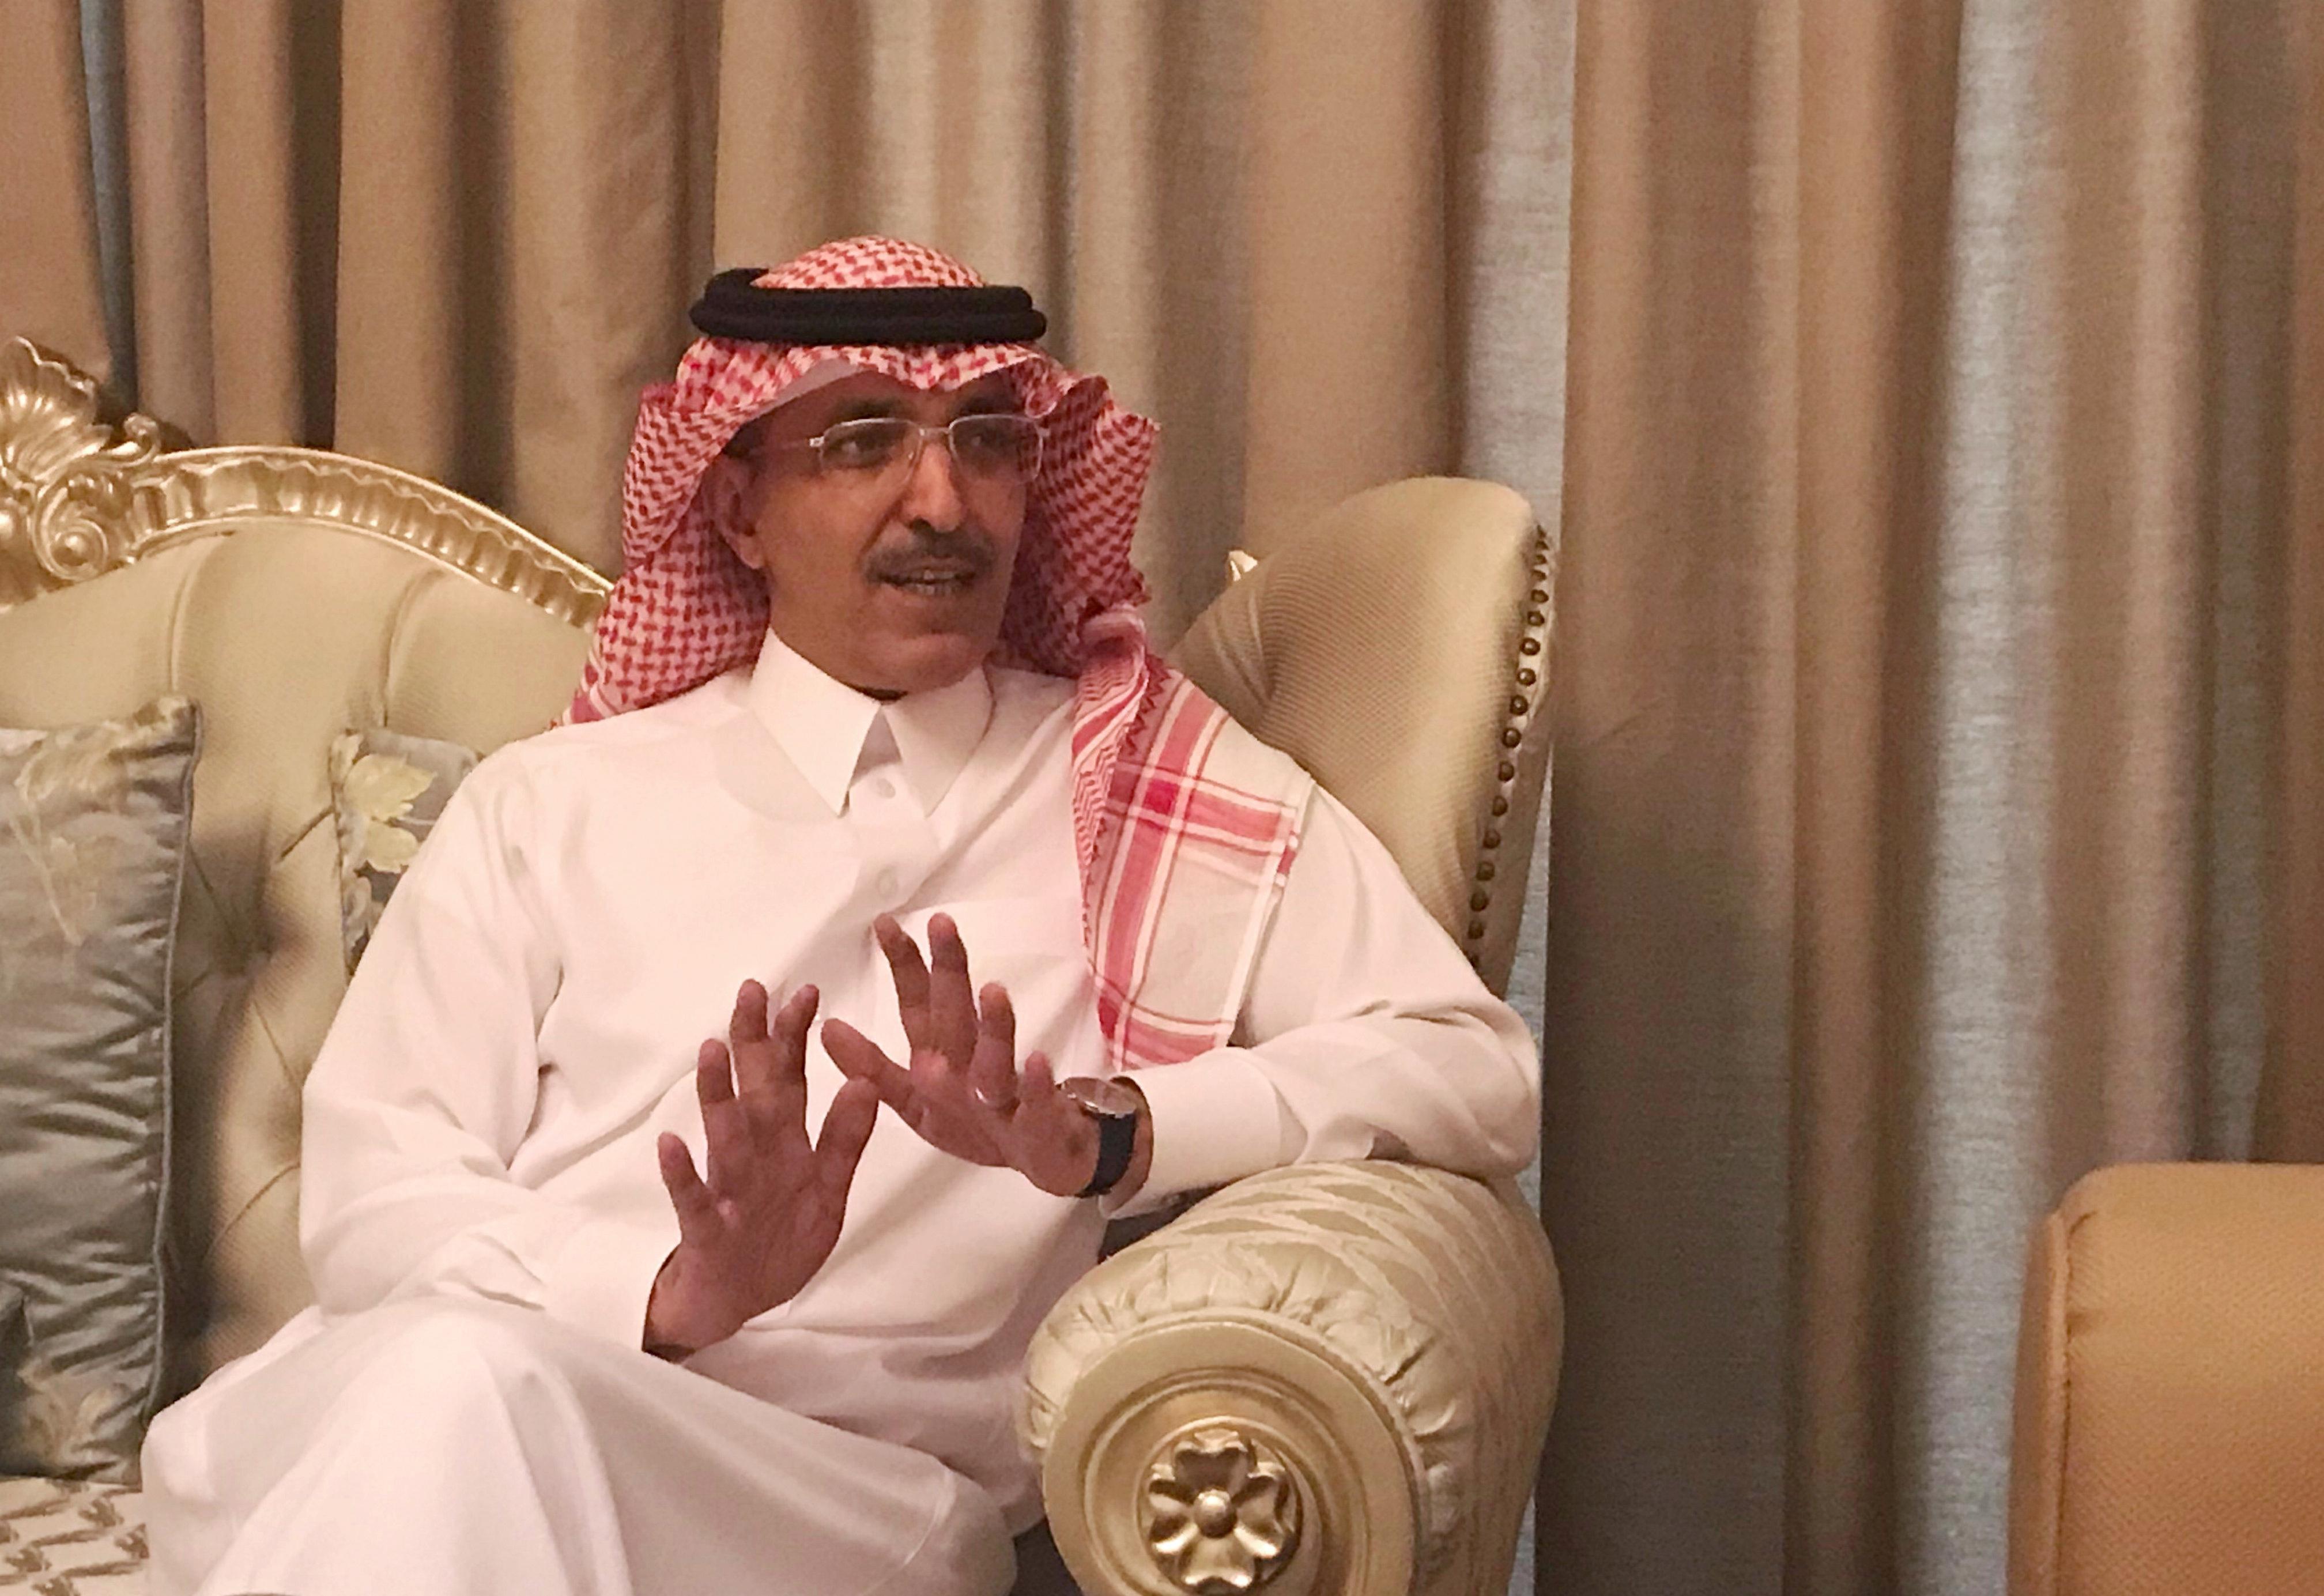 Saudi Arabia in talks with Lebanon about financial aid: Saudi finmin